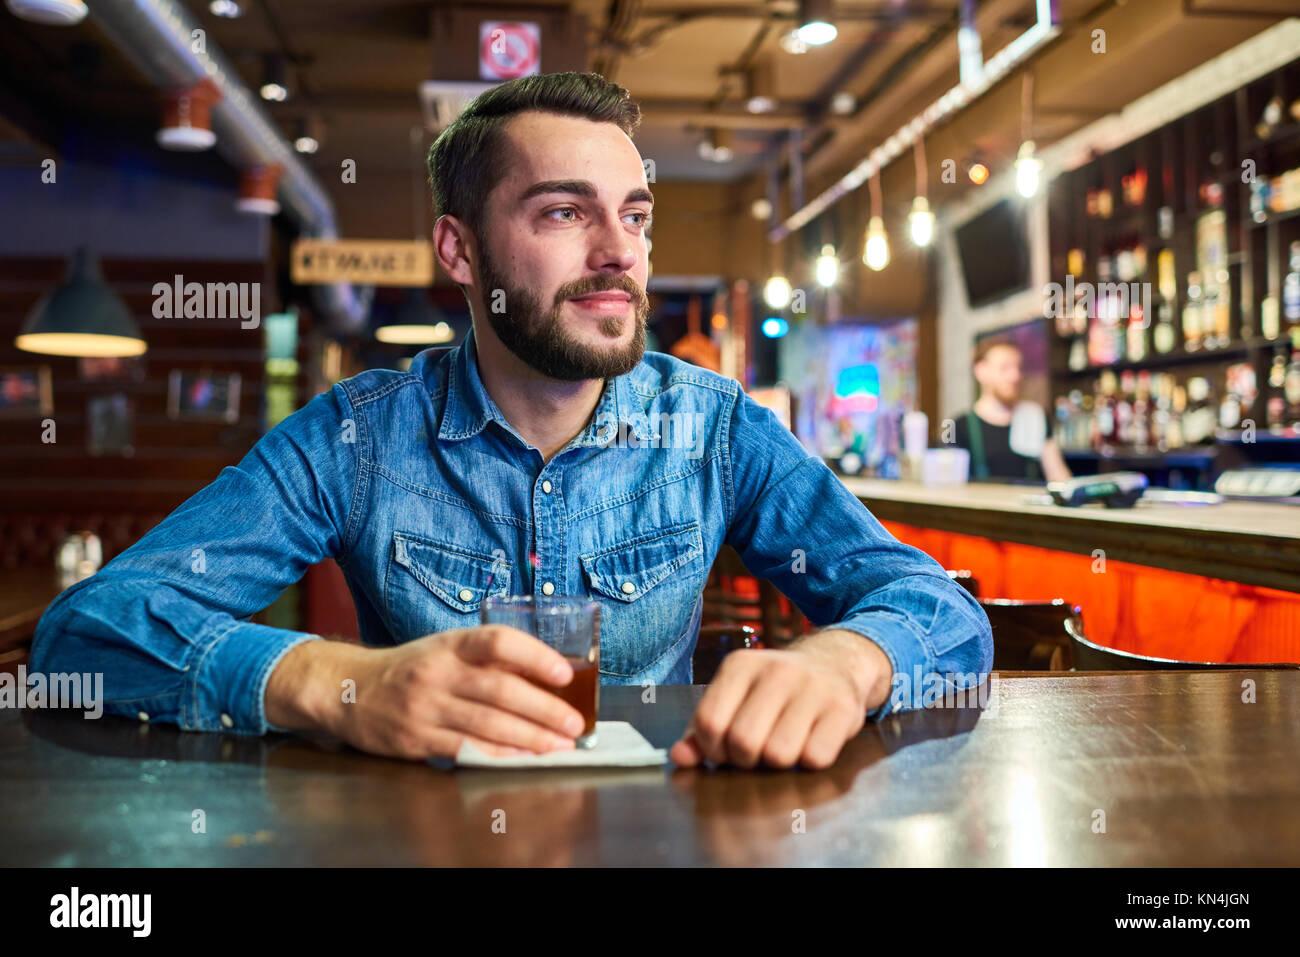 Gerne betrunken Mann in Bar Stockbild